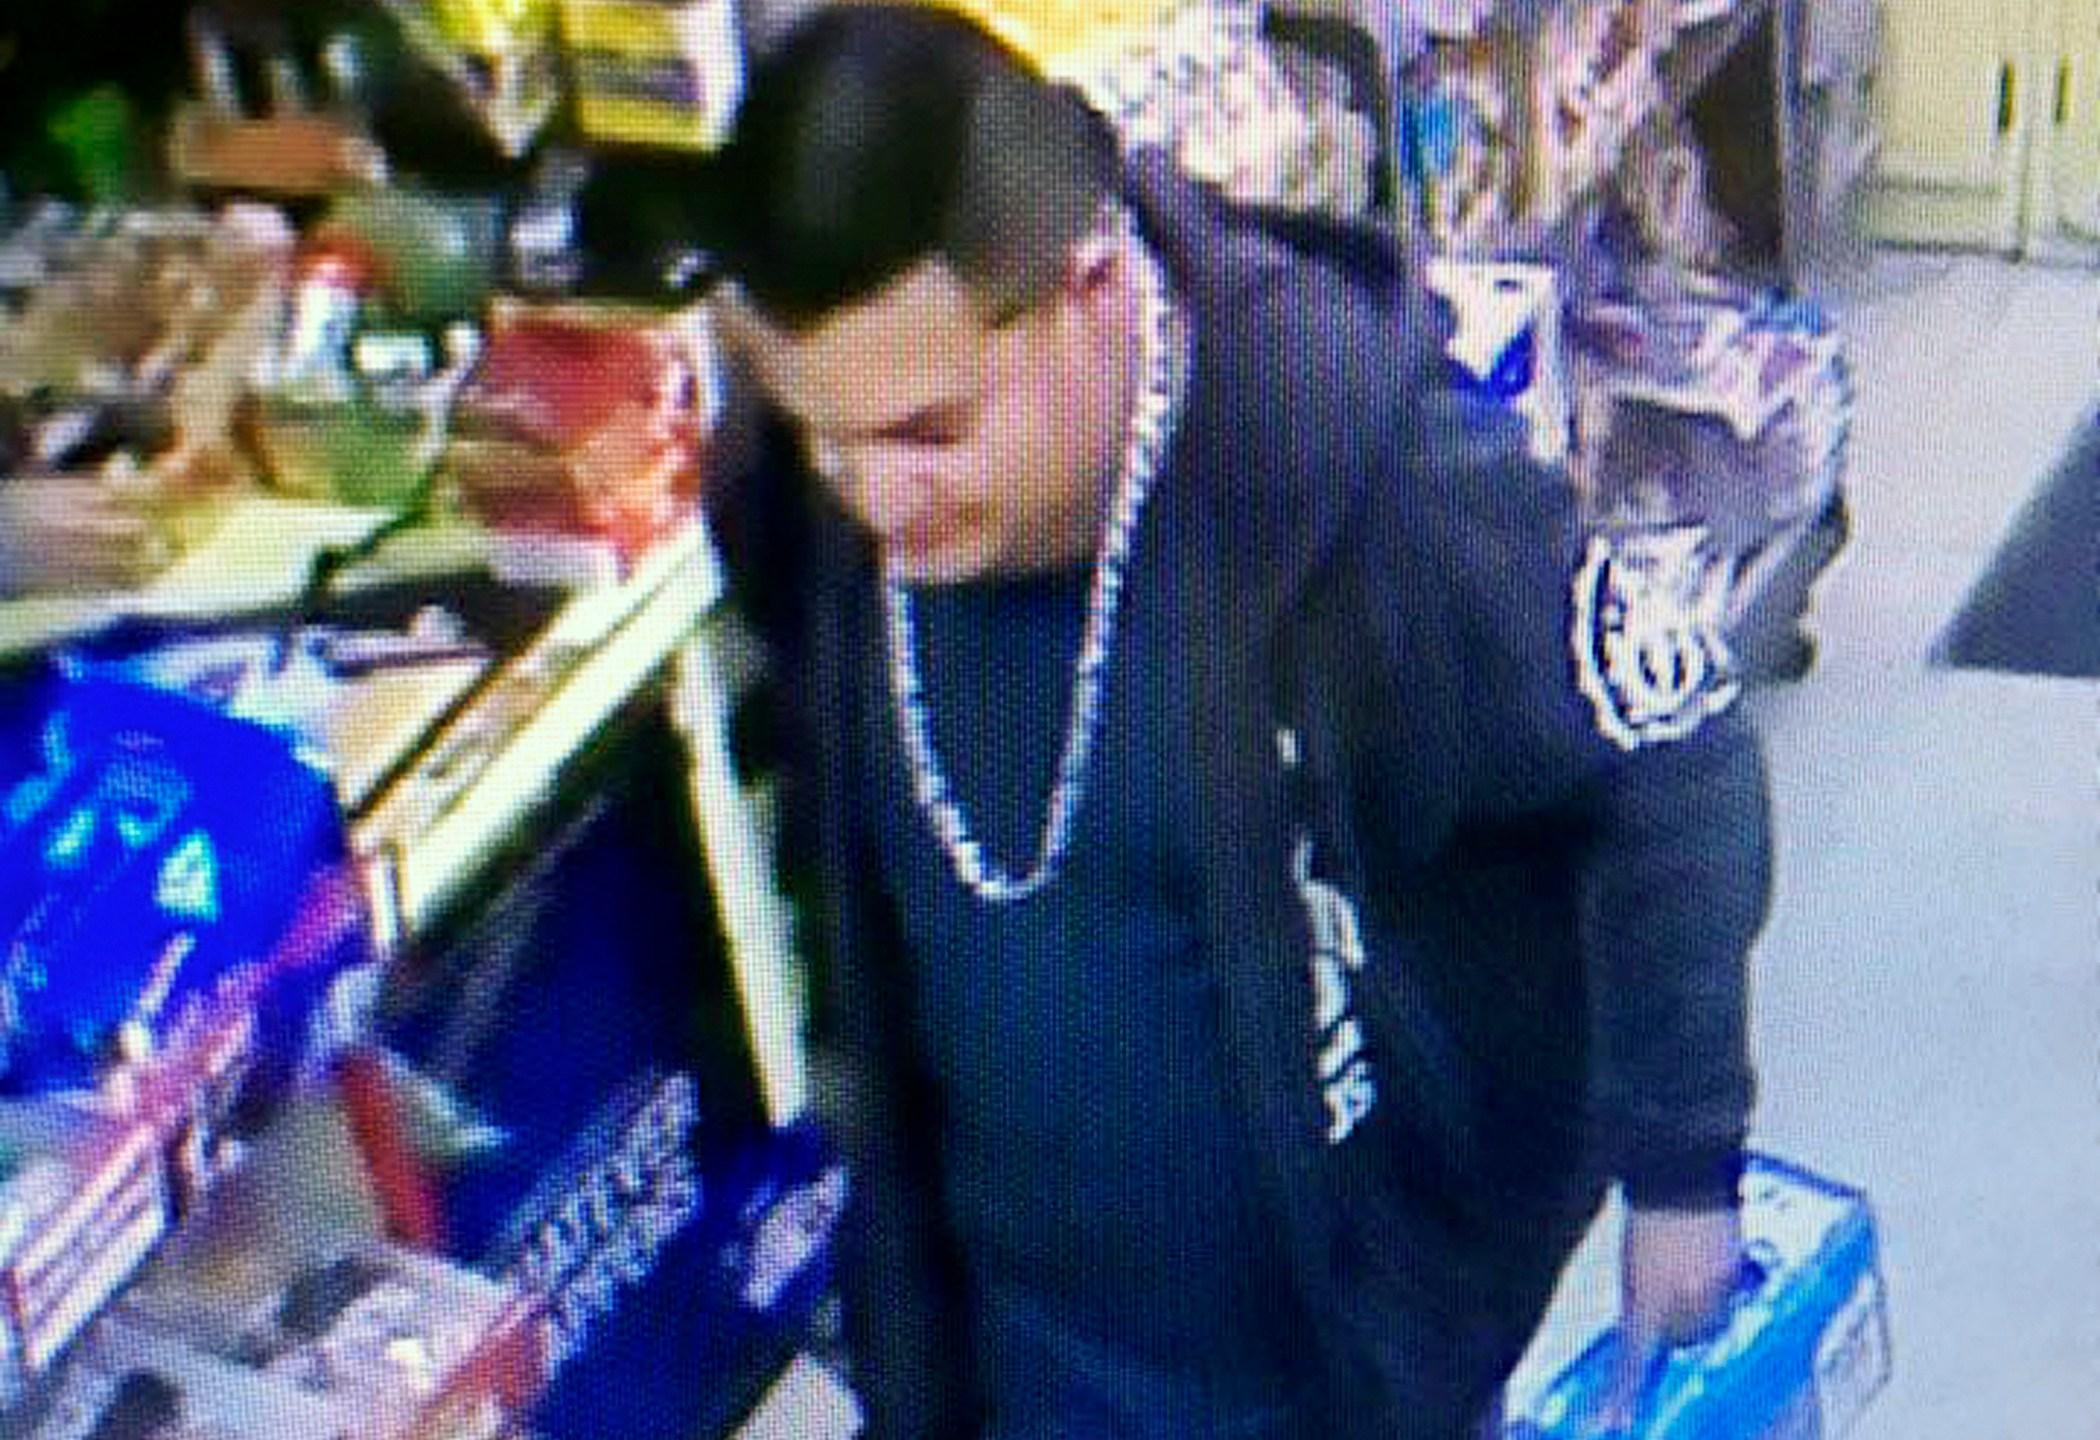 Police_Officer_Killed_California_57302-159532.jpg09689754